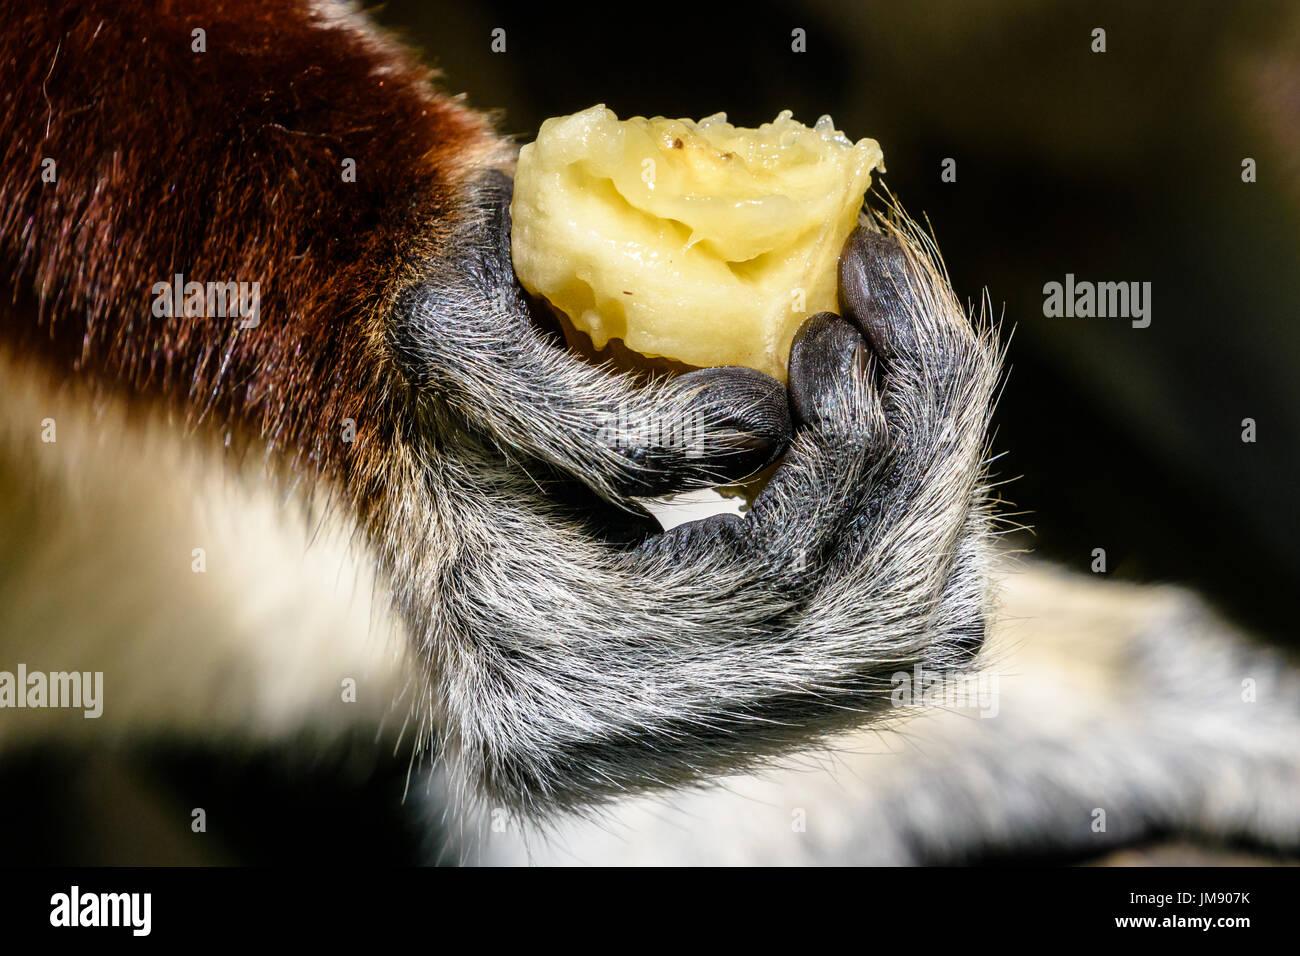 Nahaufnahme von Sifaka Lemur Hand mit Banane Stockbild